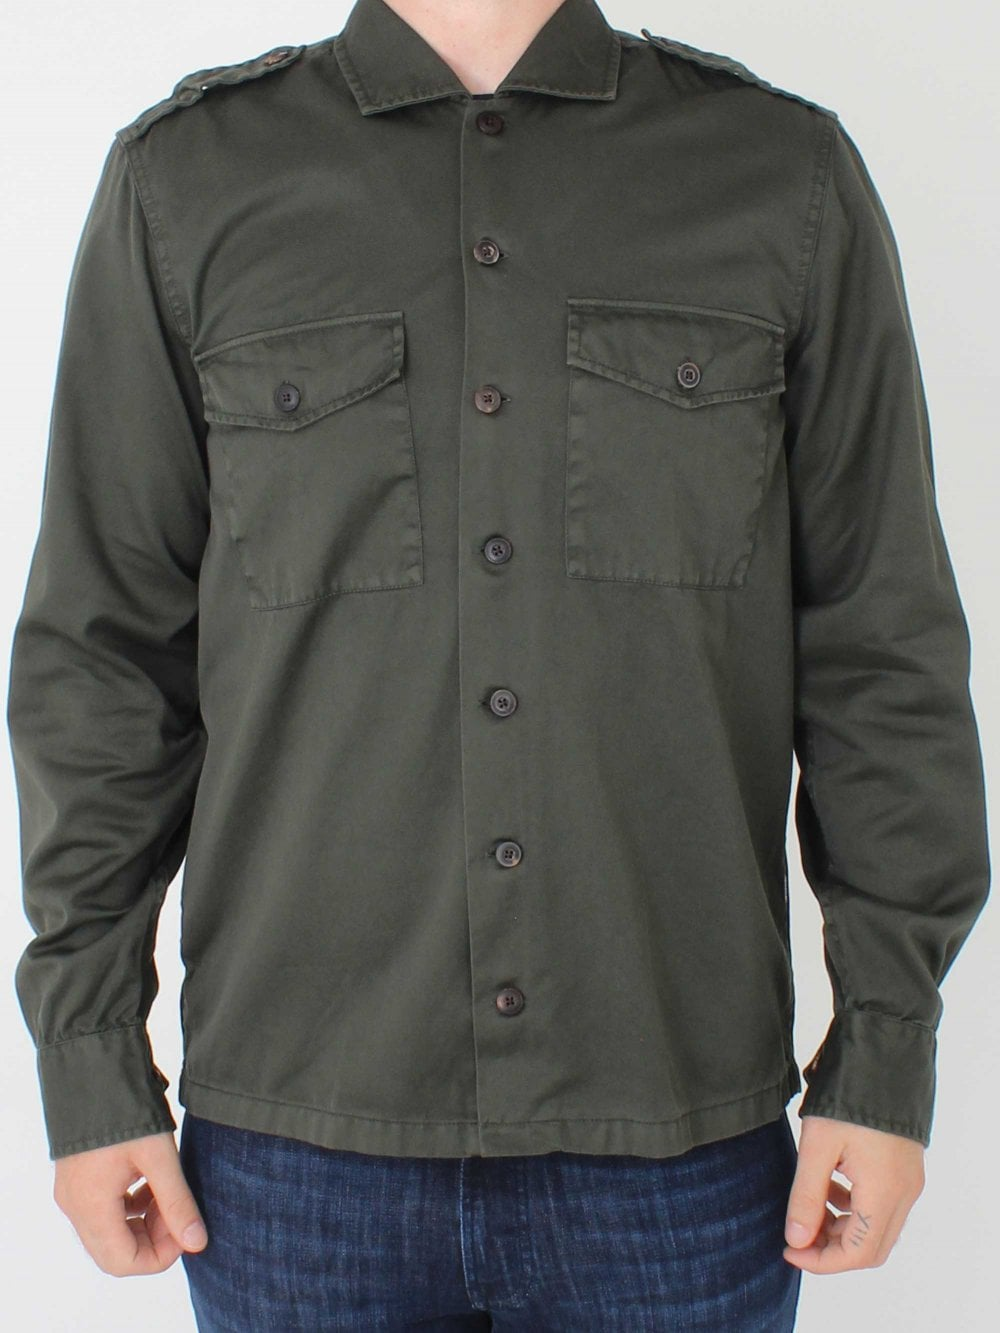 a4b4e973ebd Casual Lovel Shirt - Dark Green